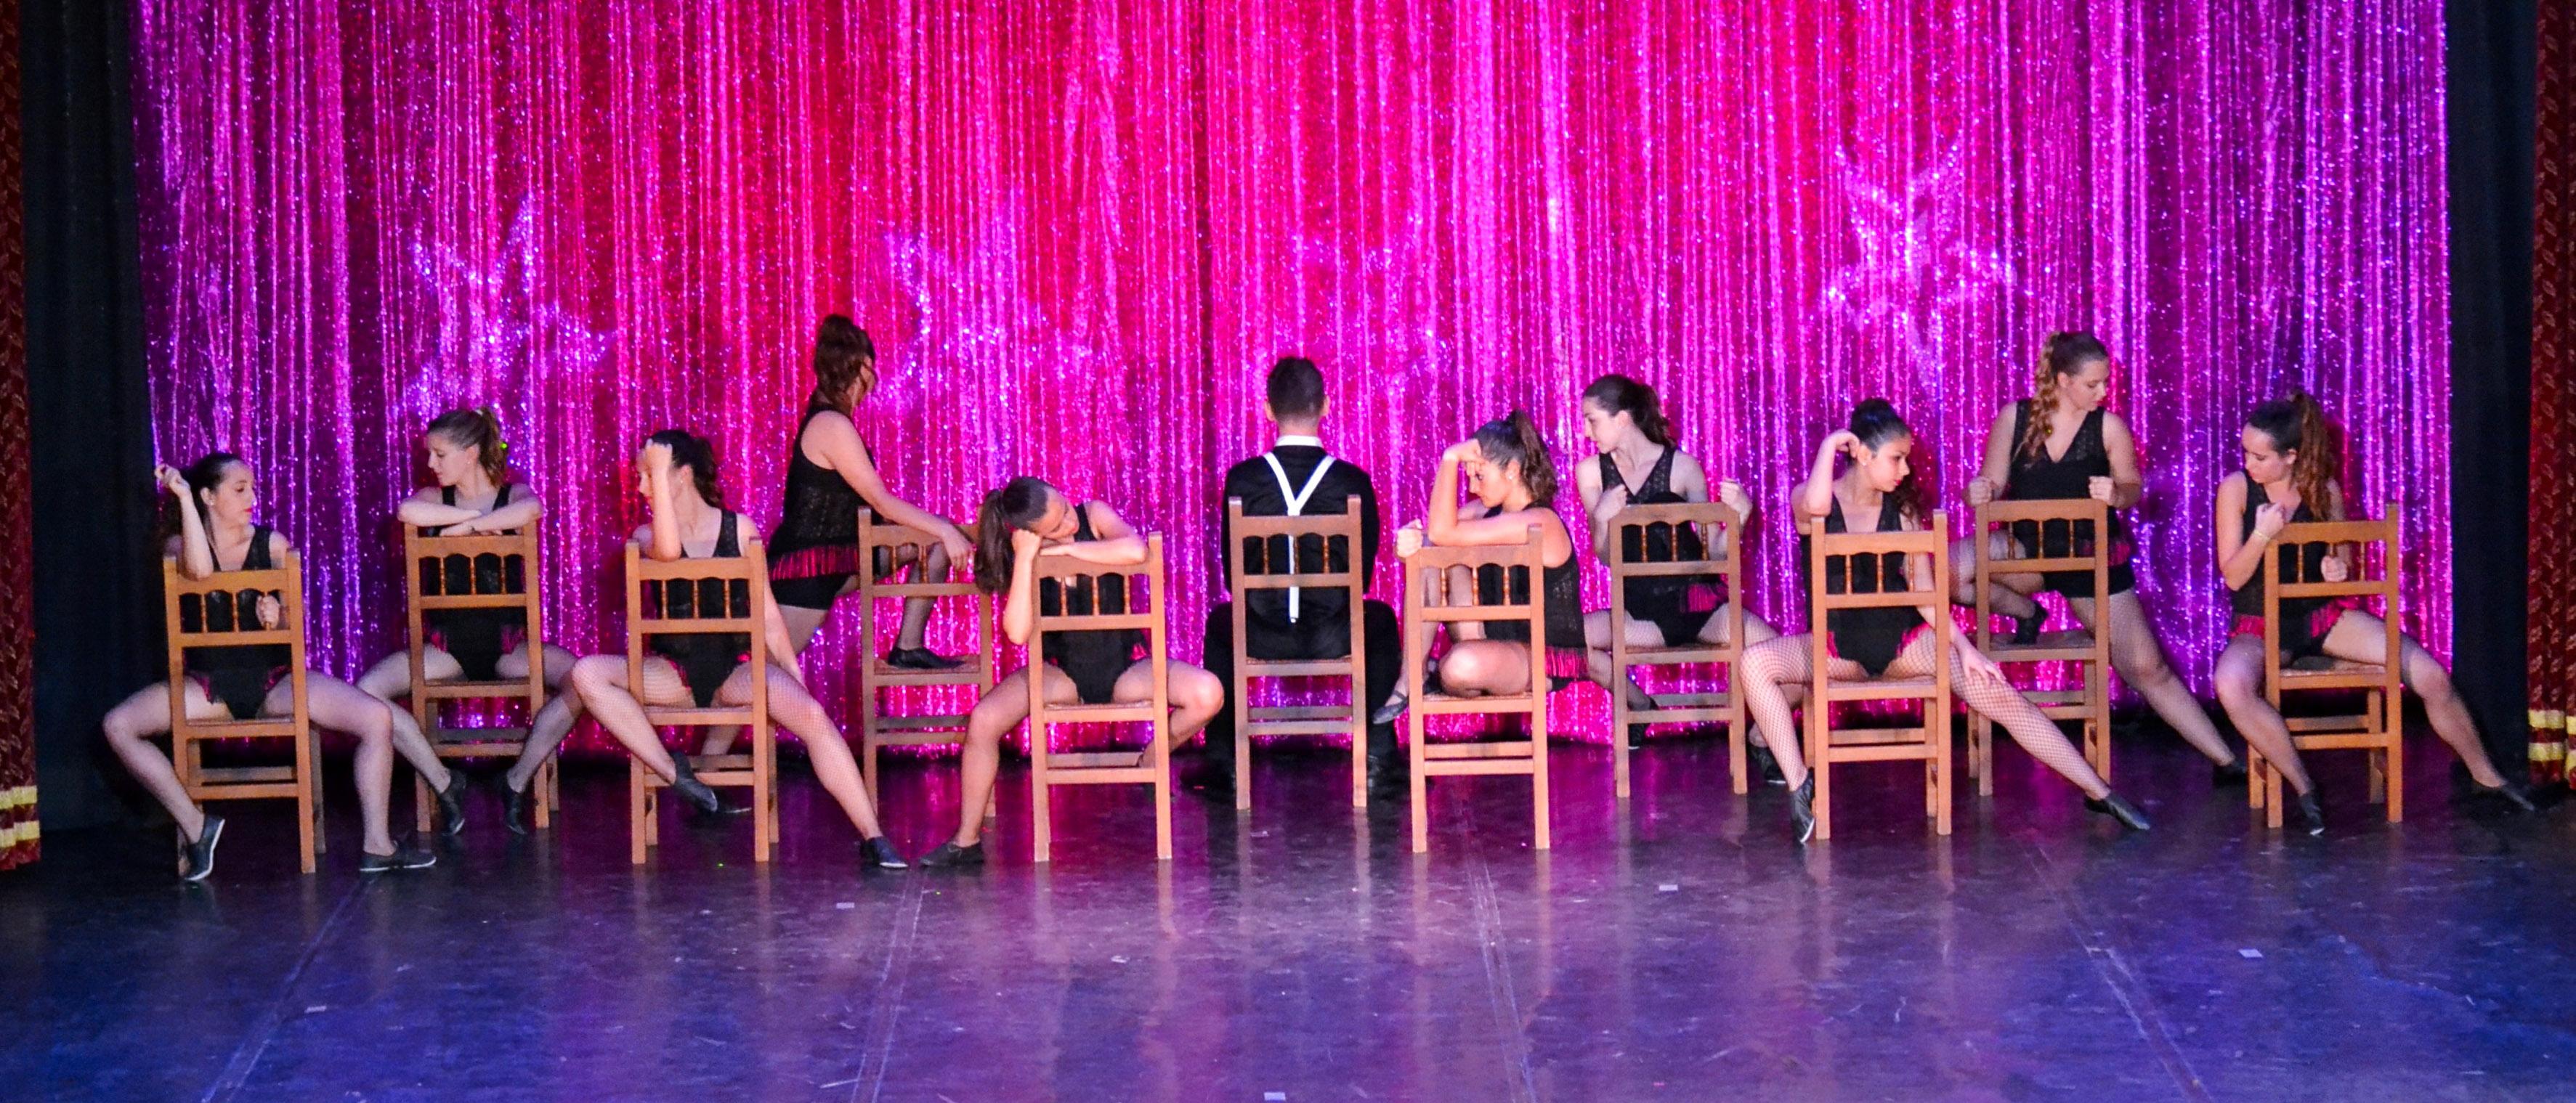 Linea-de-Baile-festival-verano-2015-clases-de-baile-valencia-134